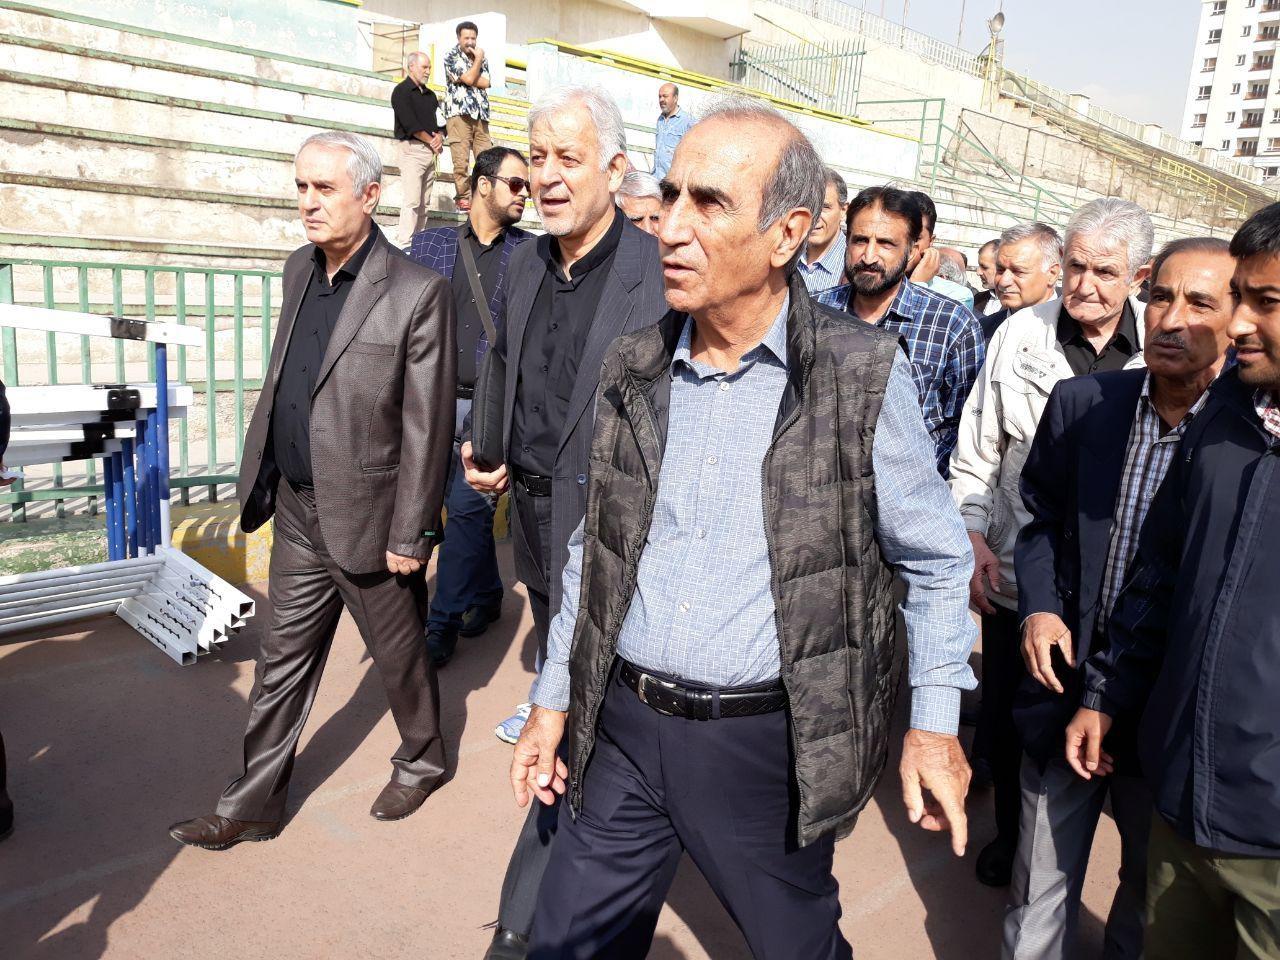 تصاویر | تشییع پیکر ابراهیم آشتیانی در غیاب بازیکنان پرسپولیس